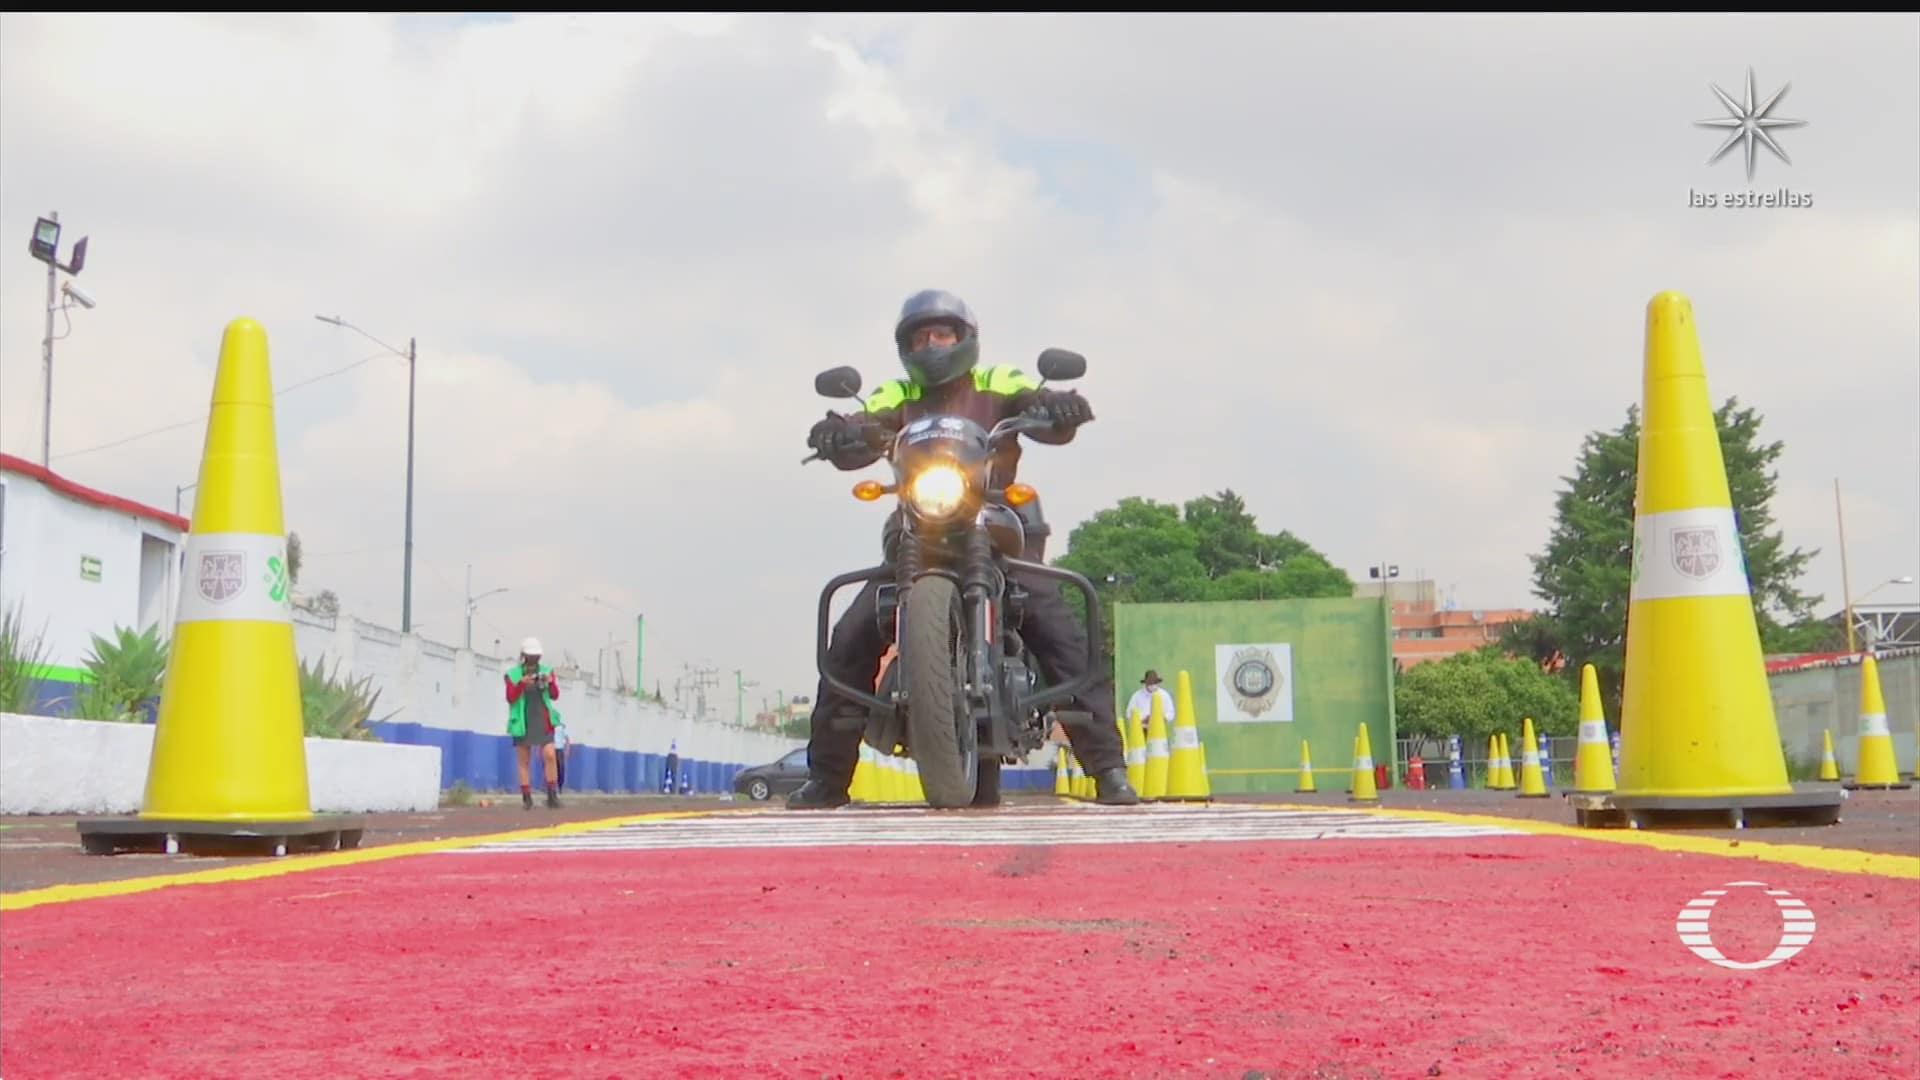 motociclistas obtendran licencia tras examen teorico y practico